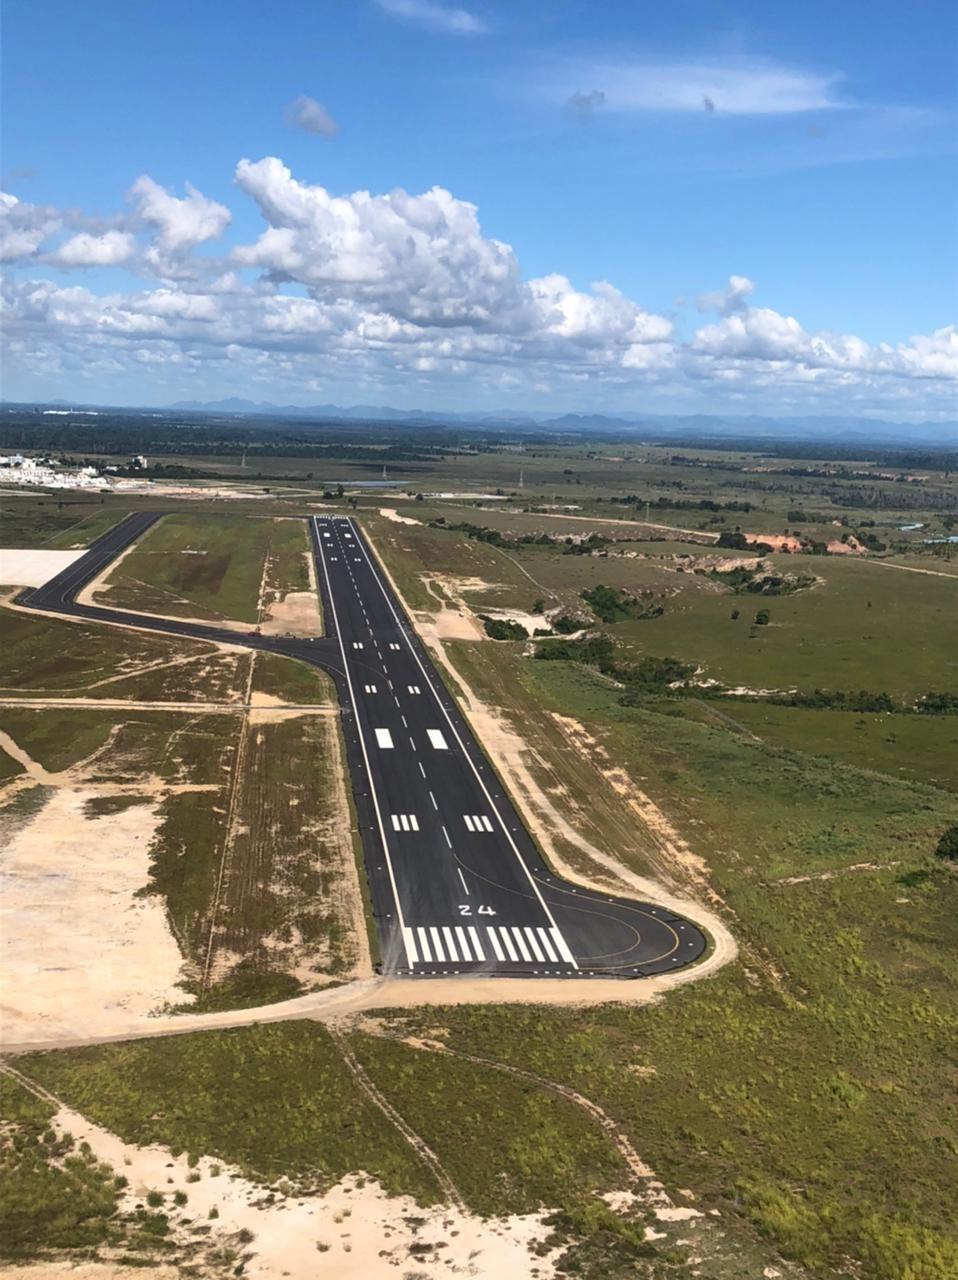 Aeroporto de Linhares está pronto para receber aeronaves de grande porte